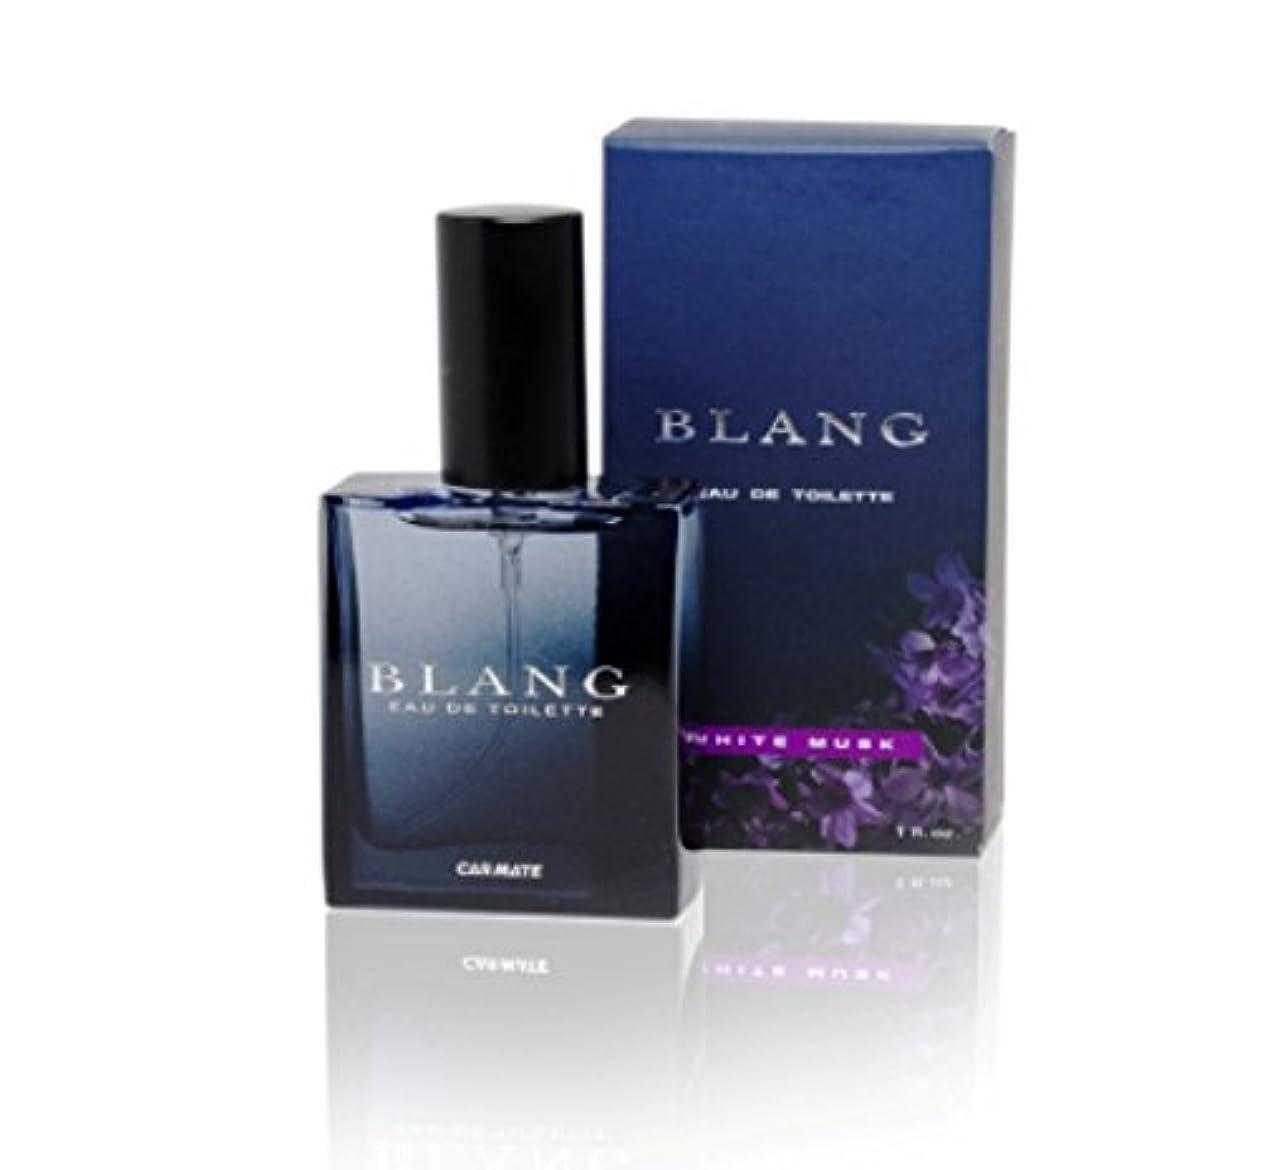 つかむ盲信啓発するカーメイト 香水 芳香剤 ブラング オードトワレ 置き型 ホワイトムスク 販売ルート限定品 30ml L531